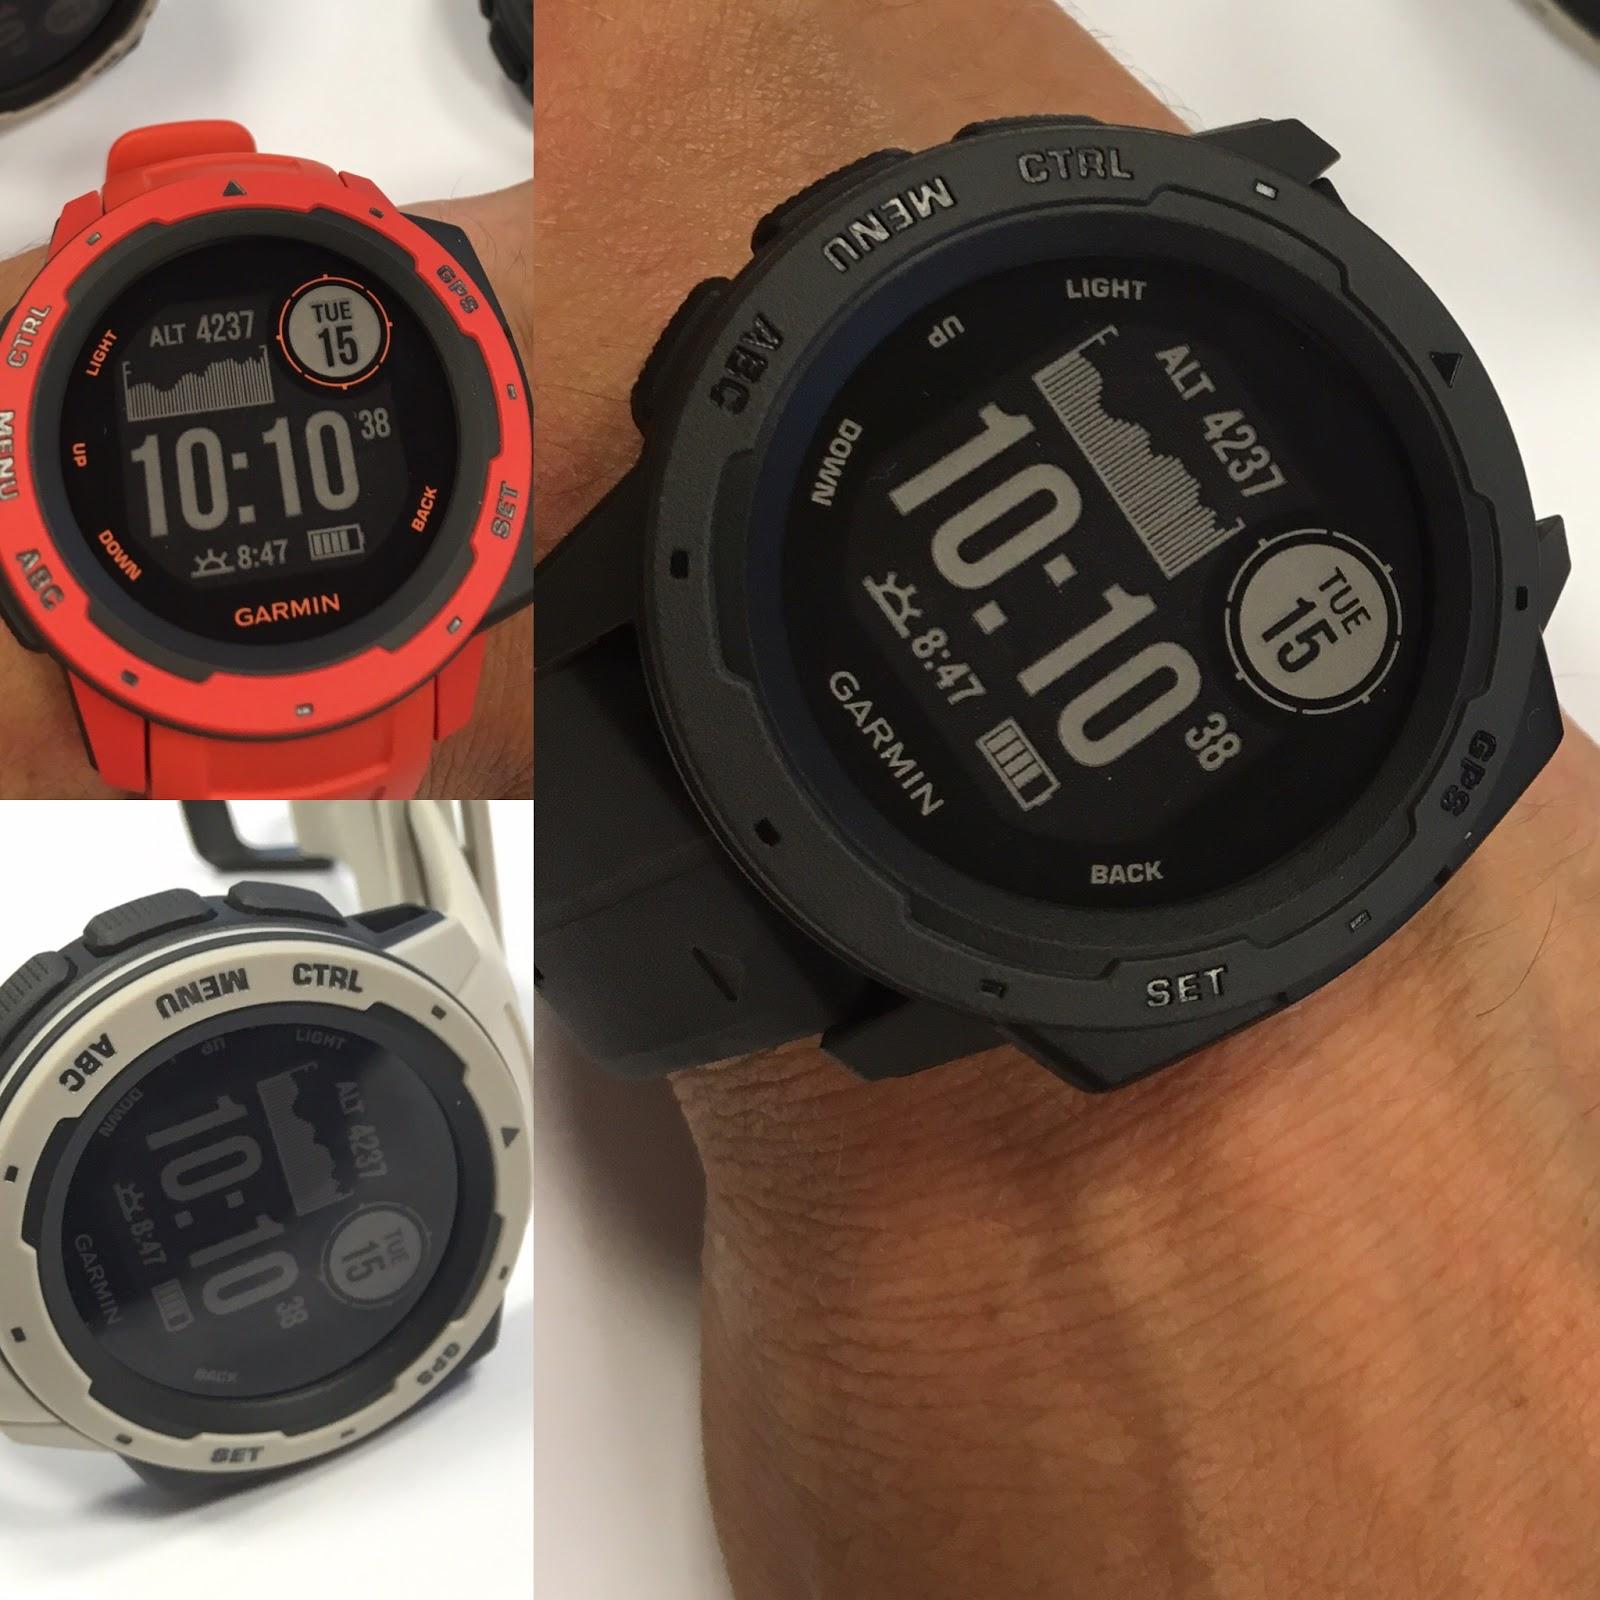 Je to zajímavý designový kousek a u GPS hodinek jedinečný. A musím říct 61a532d639